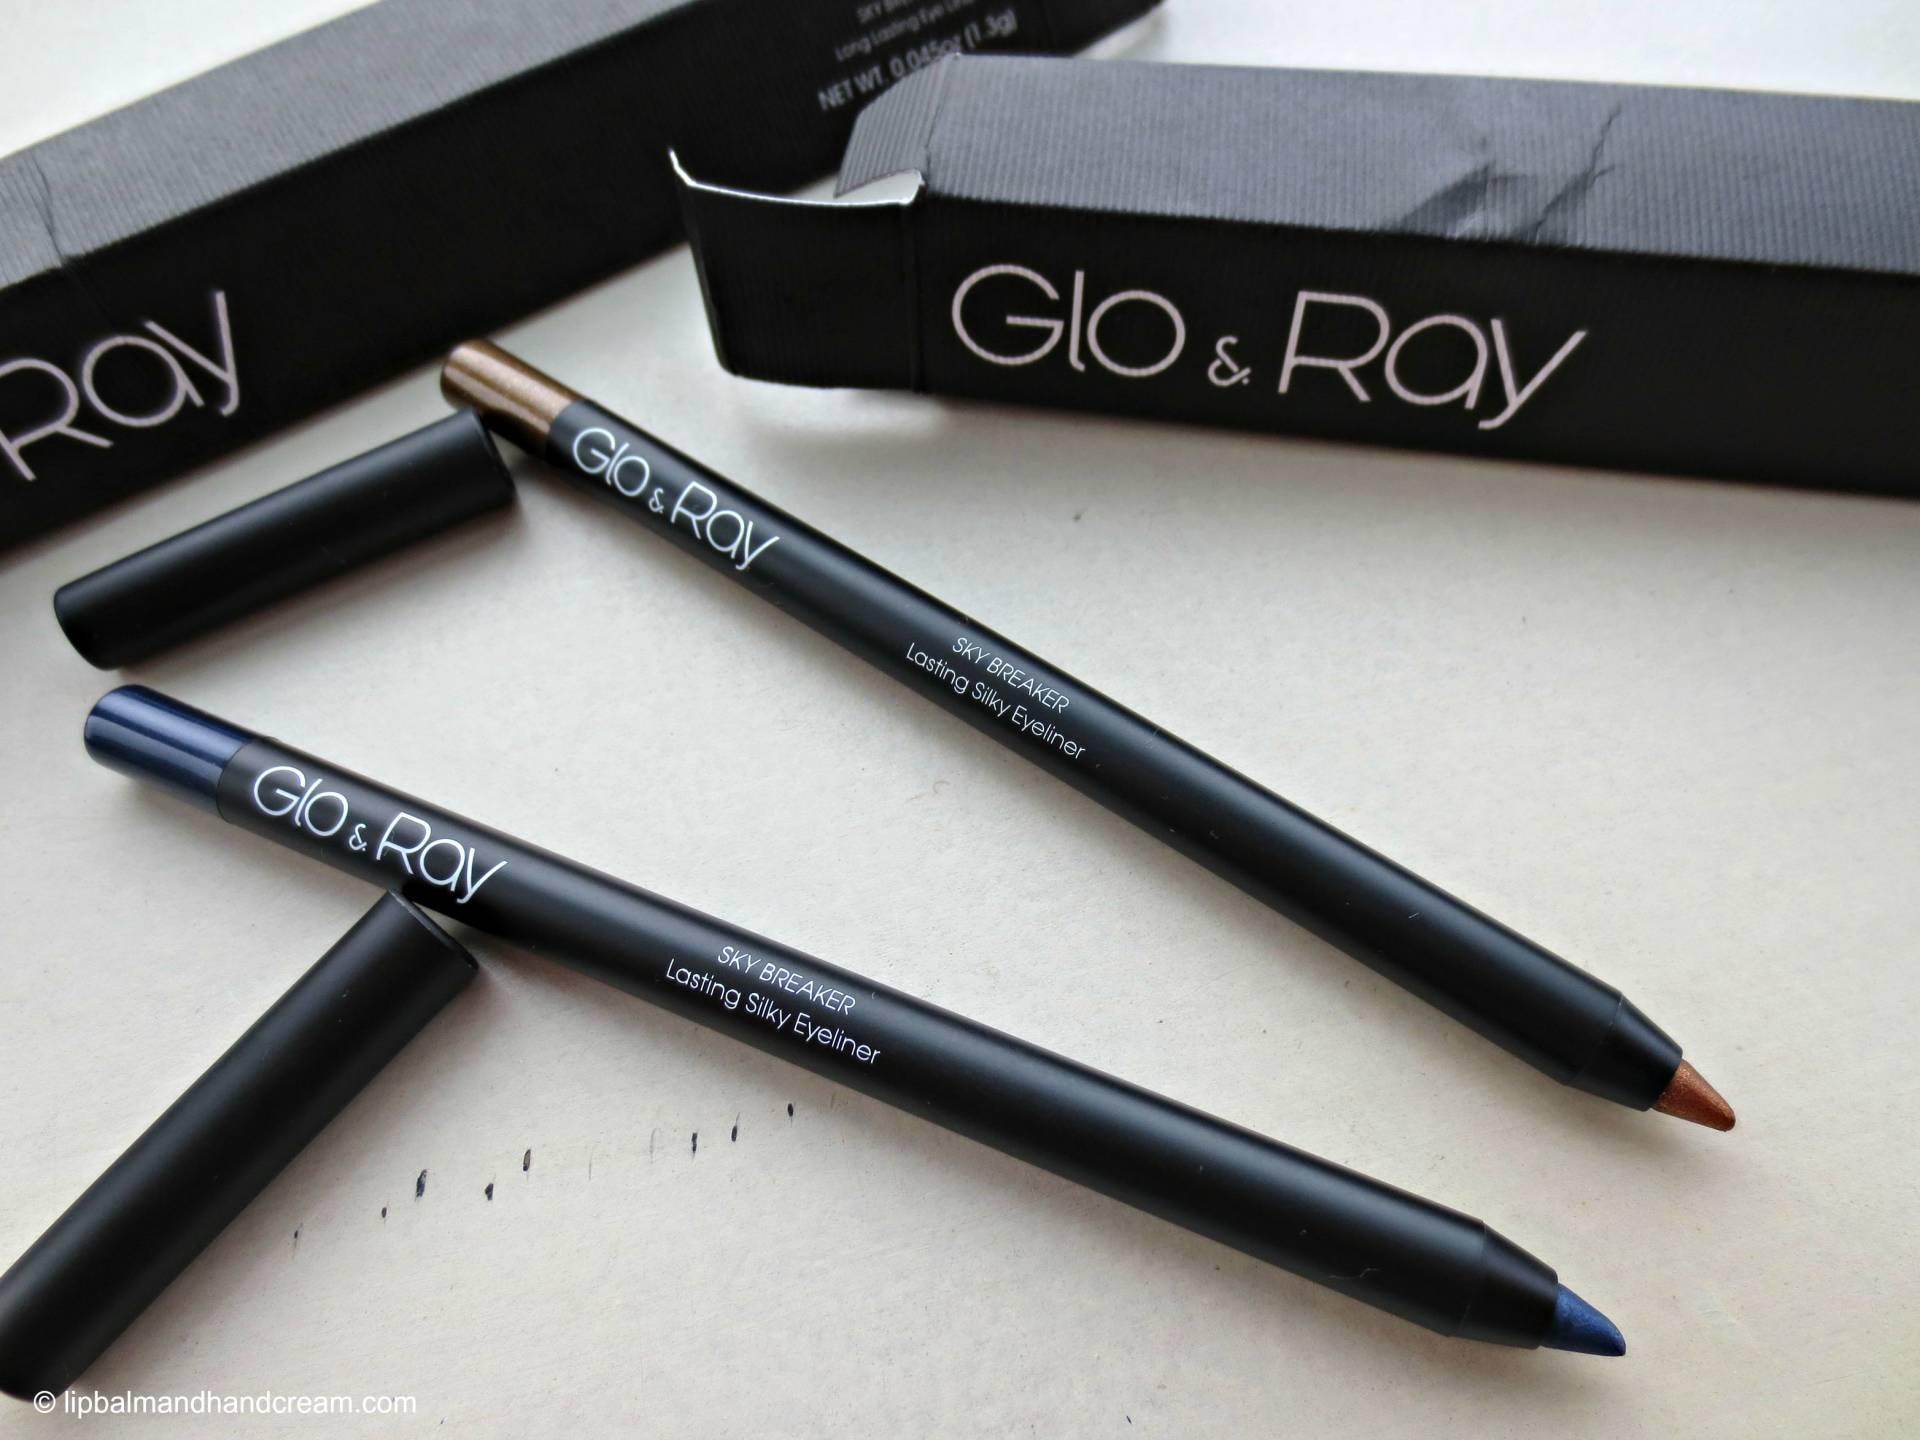 Glo & Ray's eye liners